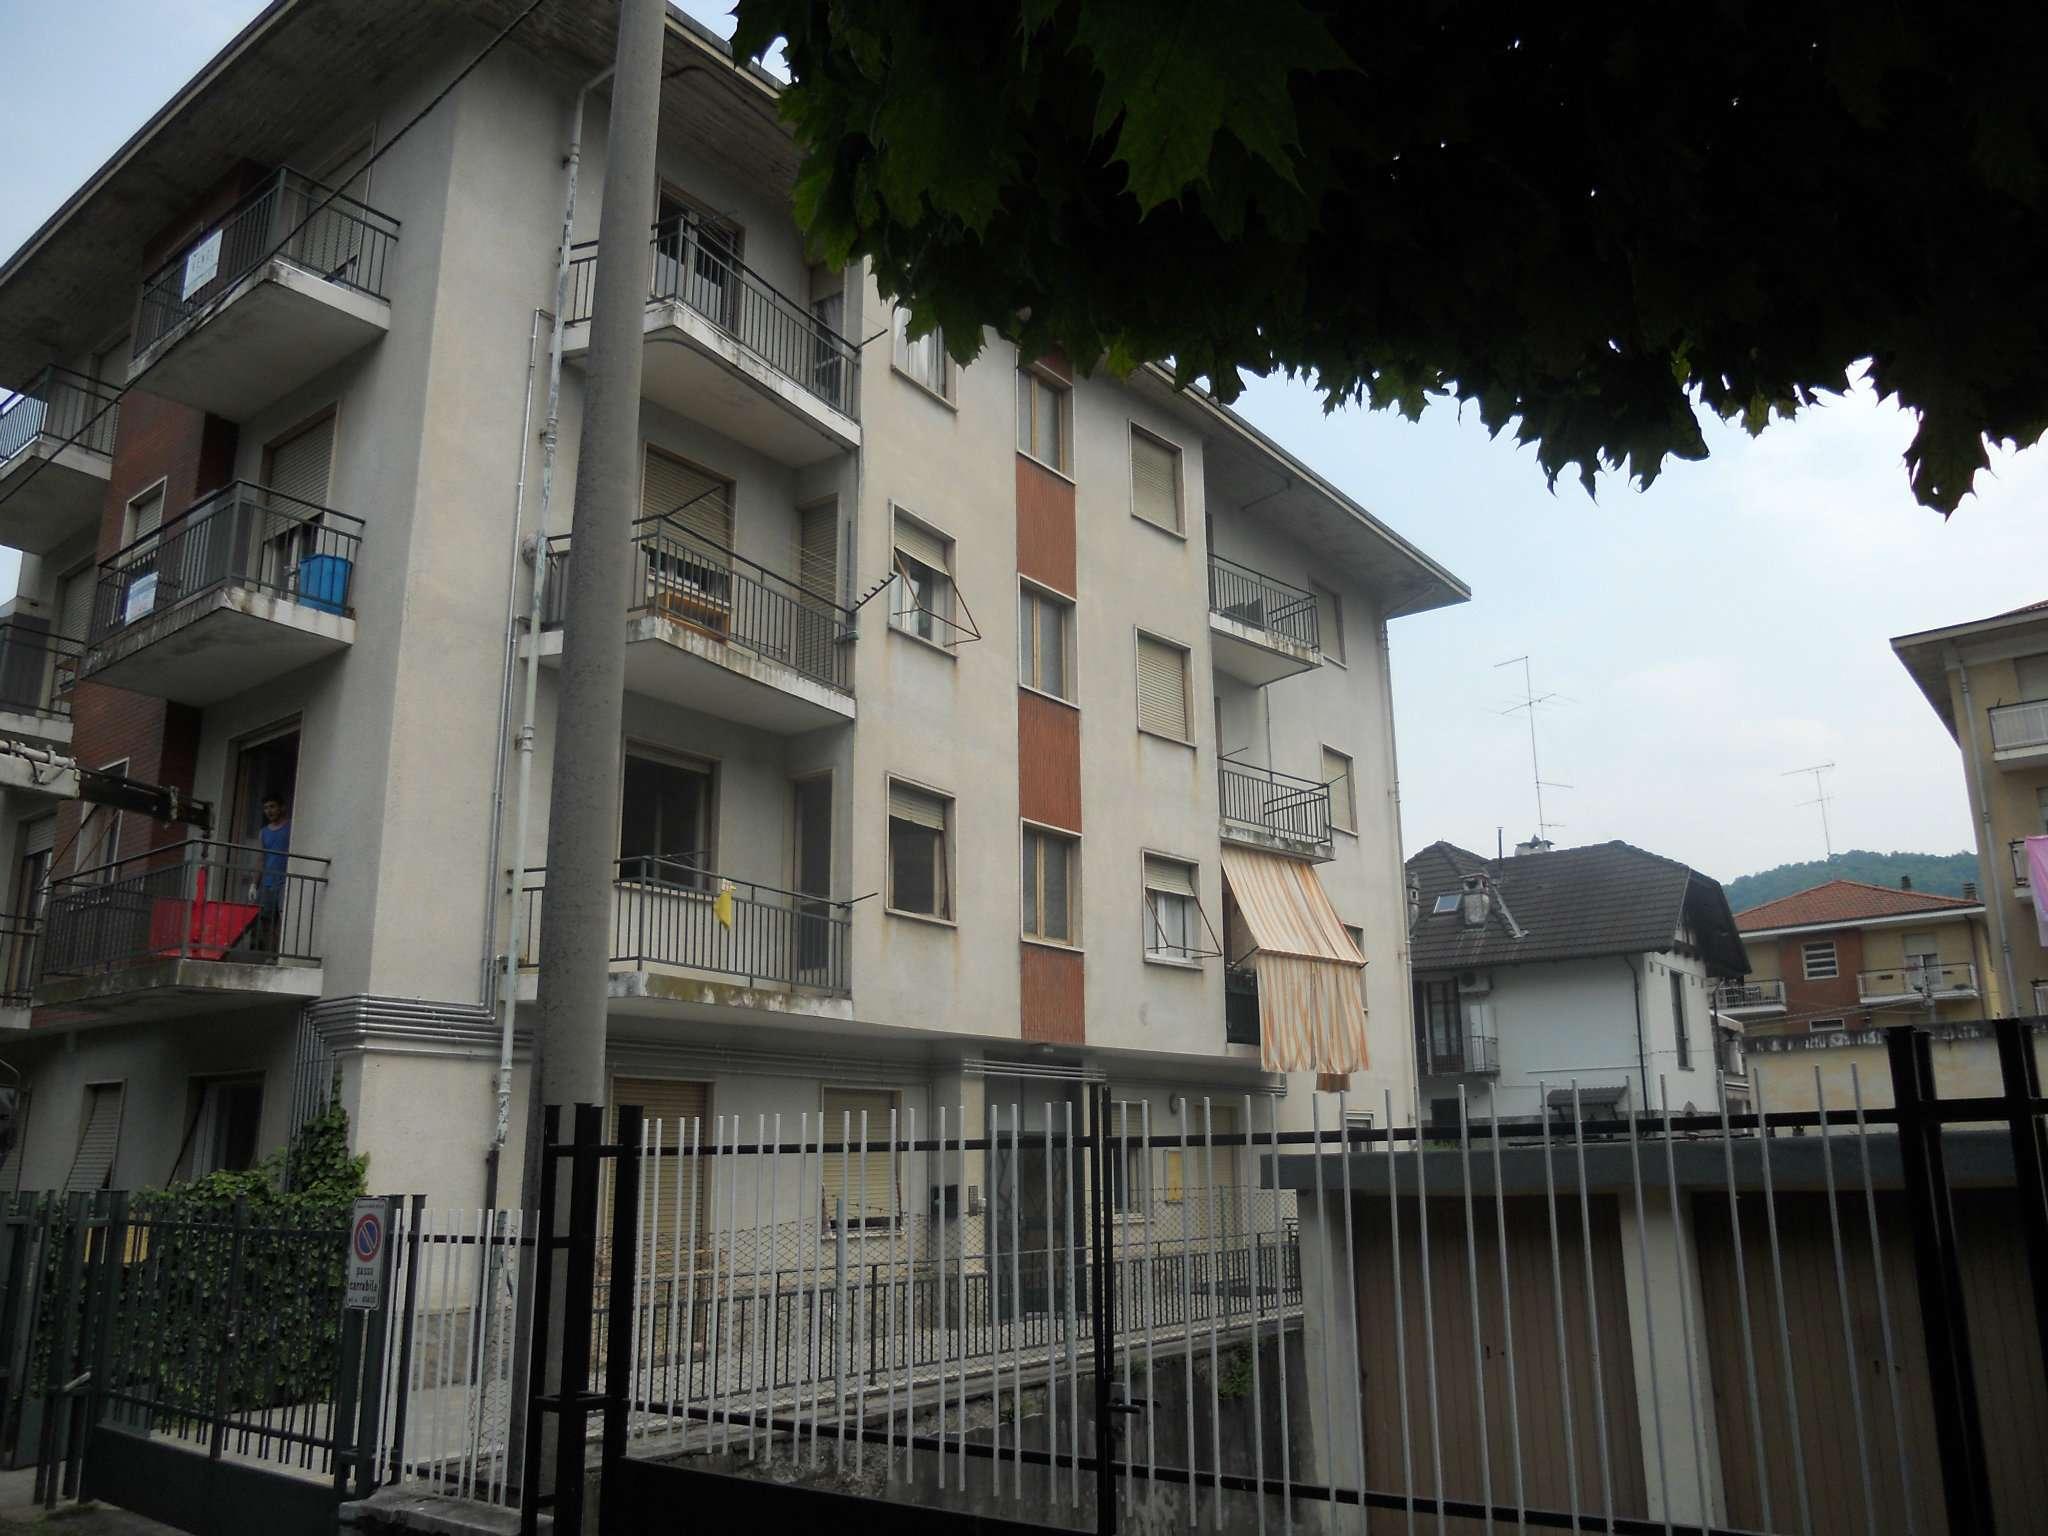 Appartamento in vendita a Torre Pellice, 3 locali, prezzo € 47.000 | CambioCasa.it